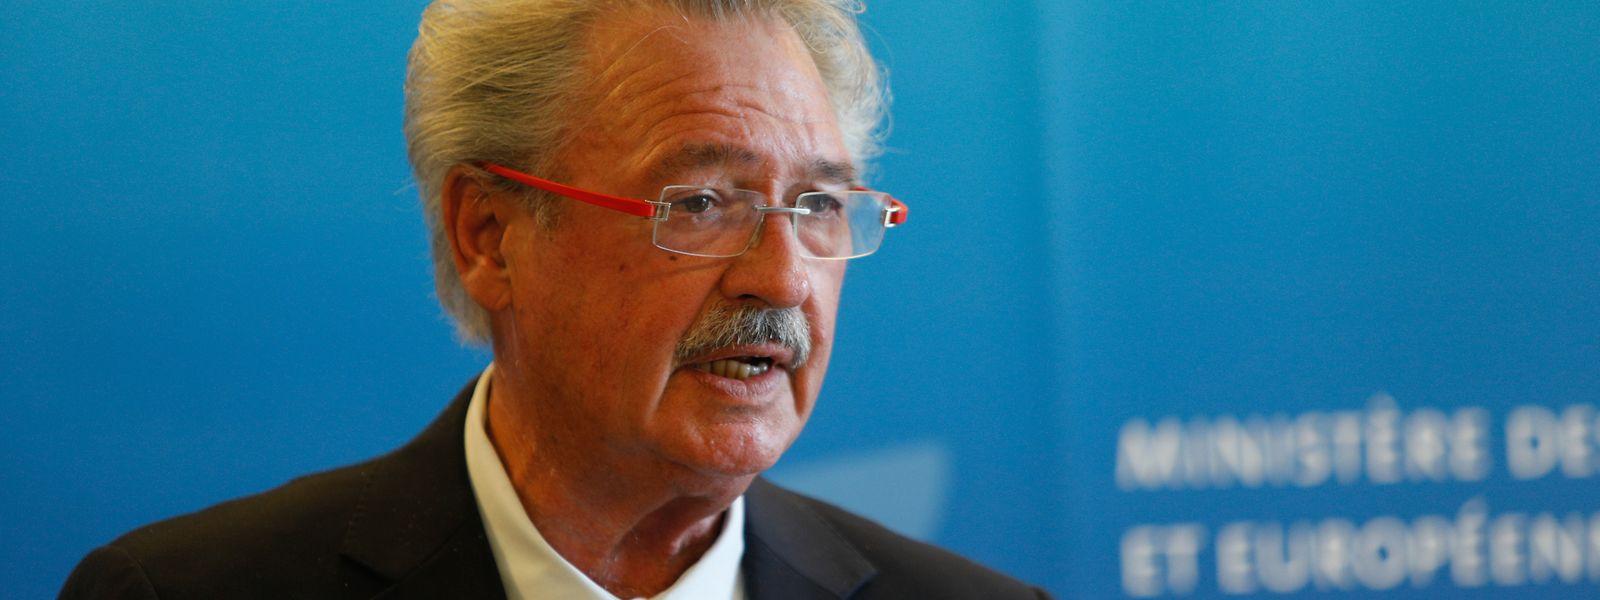 Außen- und Immigrationsminister Jean Asselborn legte am Montag die Zahlen zur Asyl- und Immigrationspolitik vor.